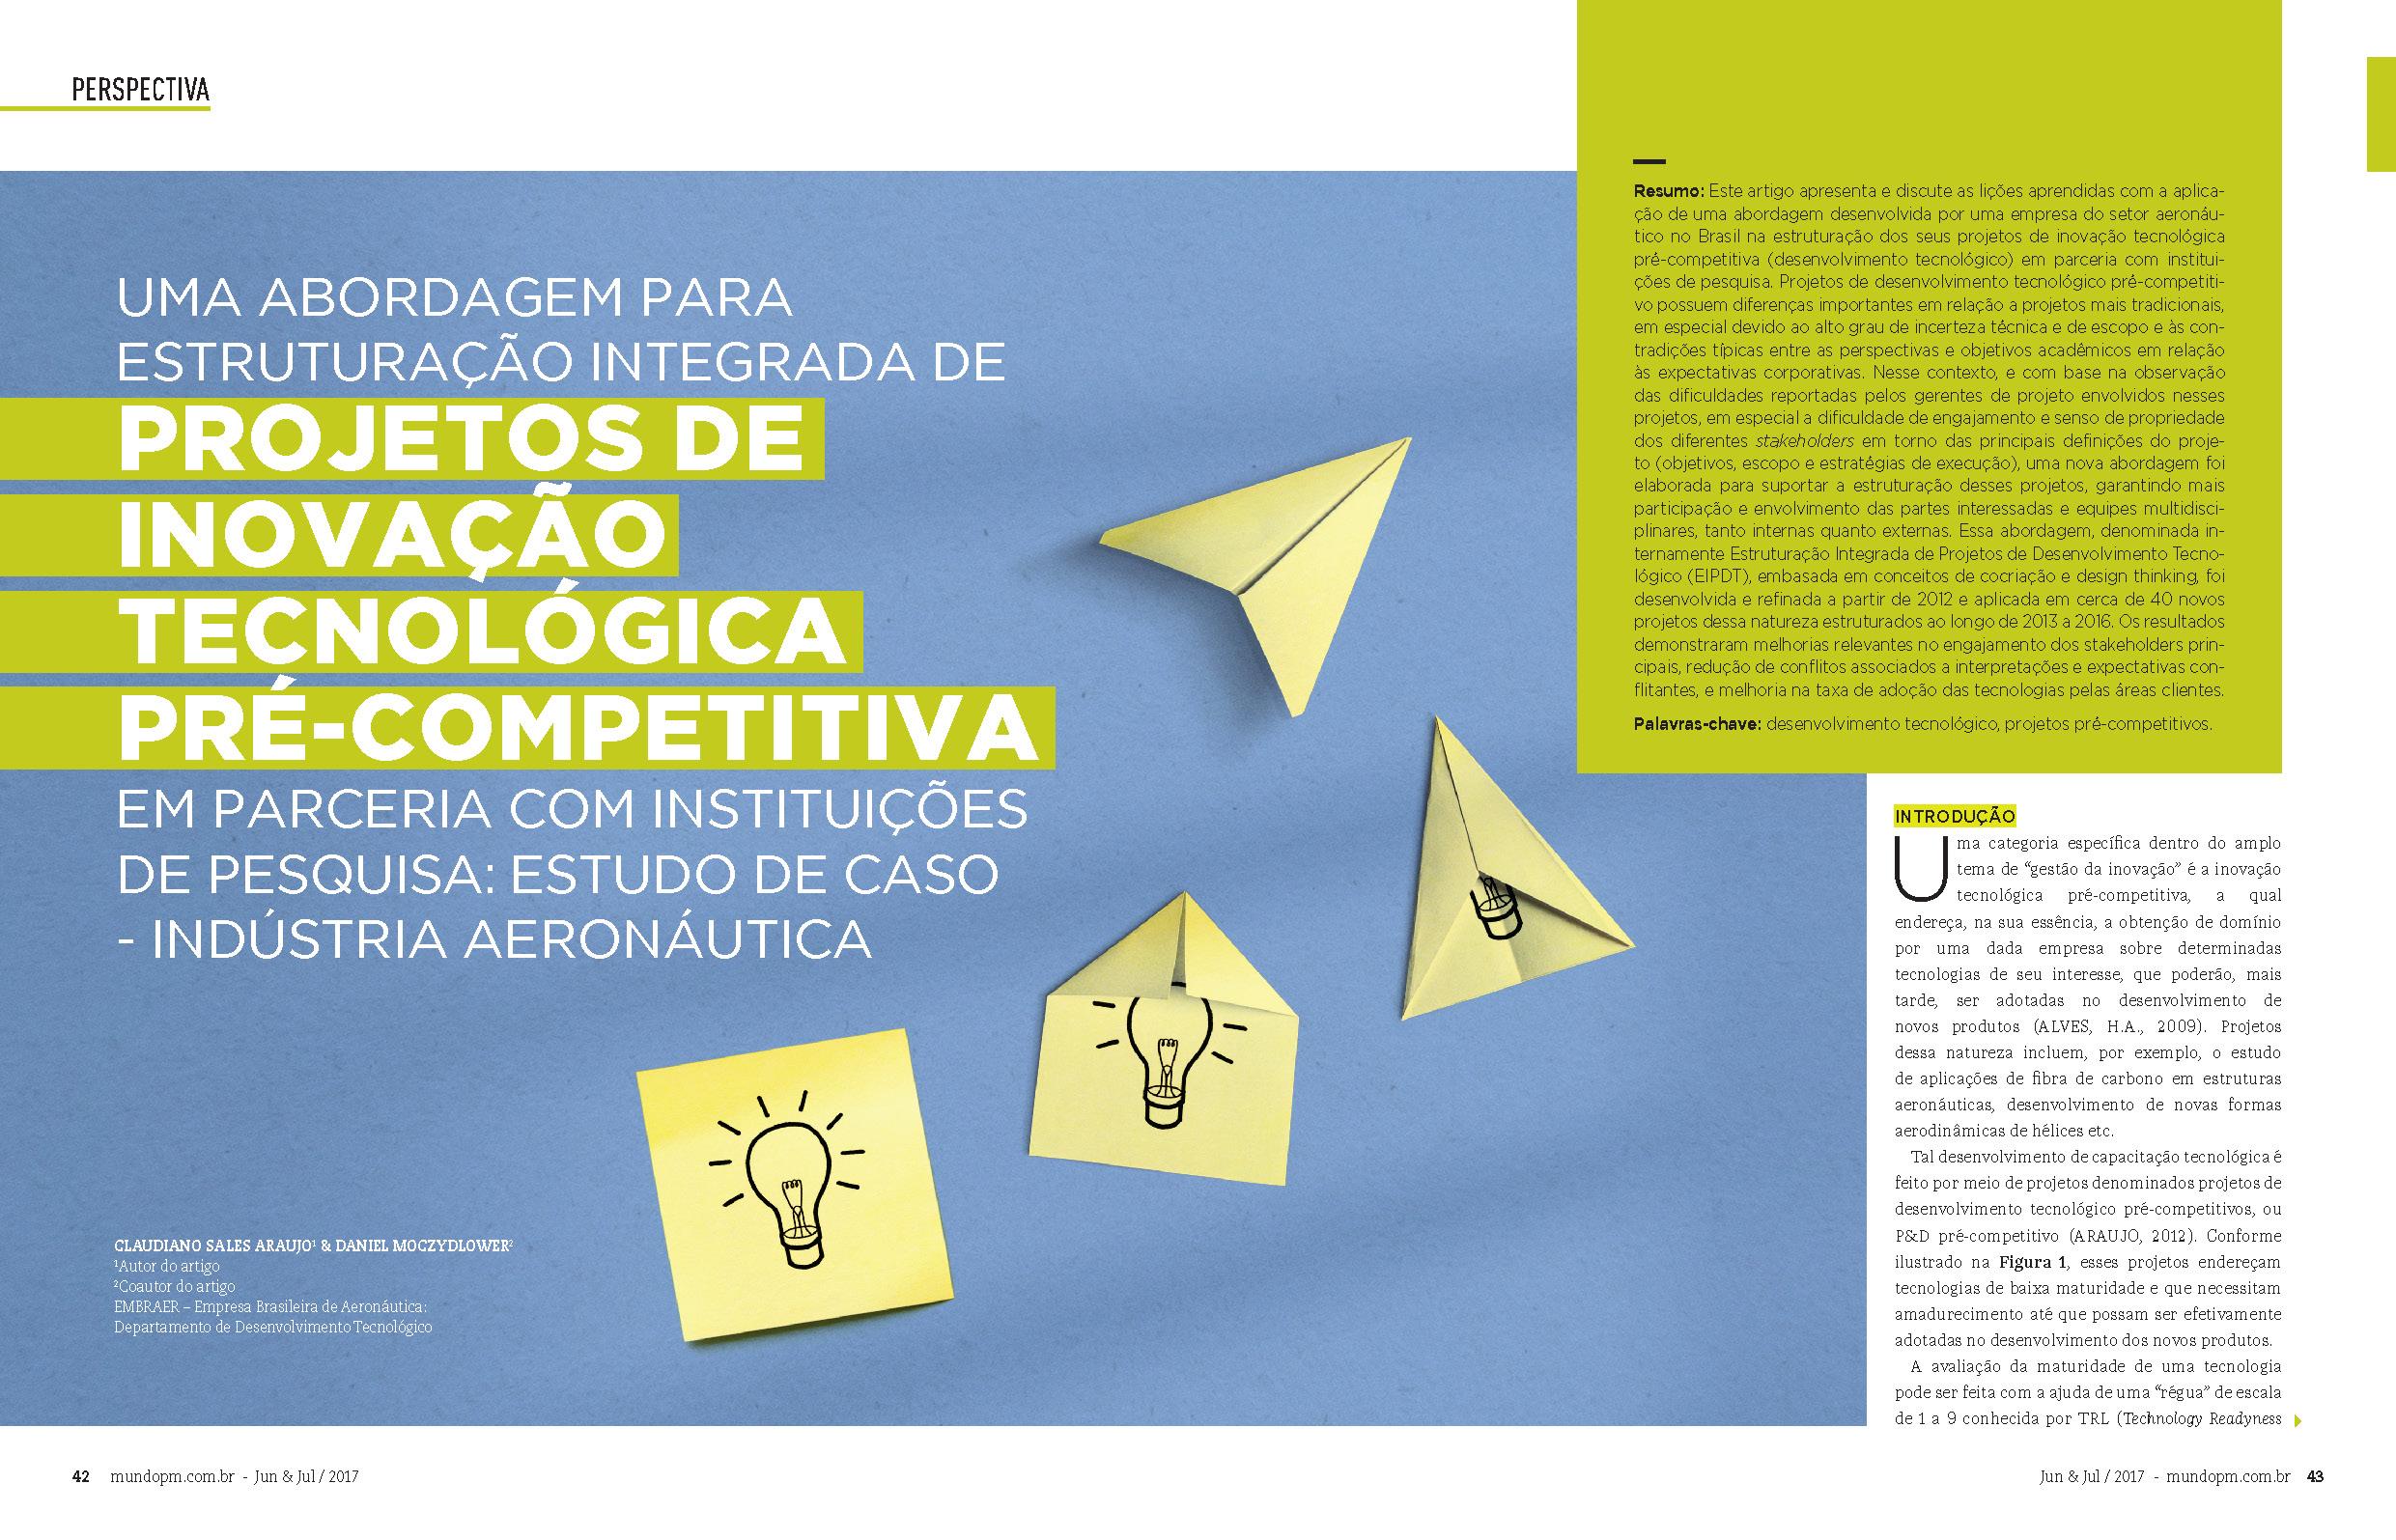 Projetos de Inovação Tecnológica Pré-Competitiva